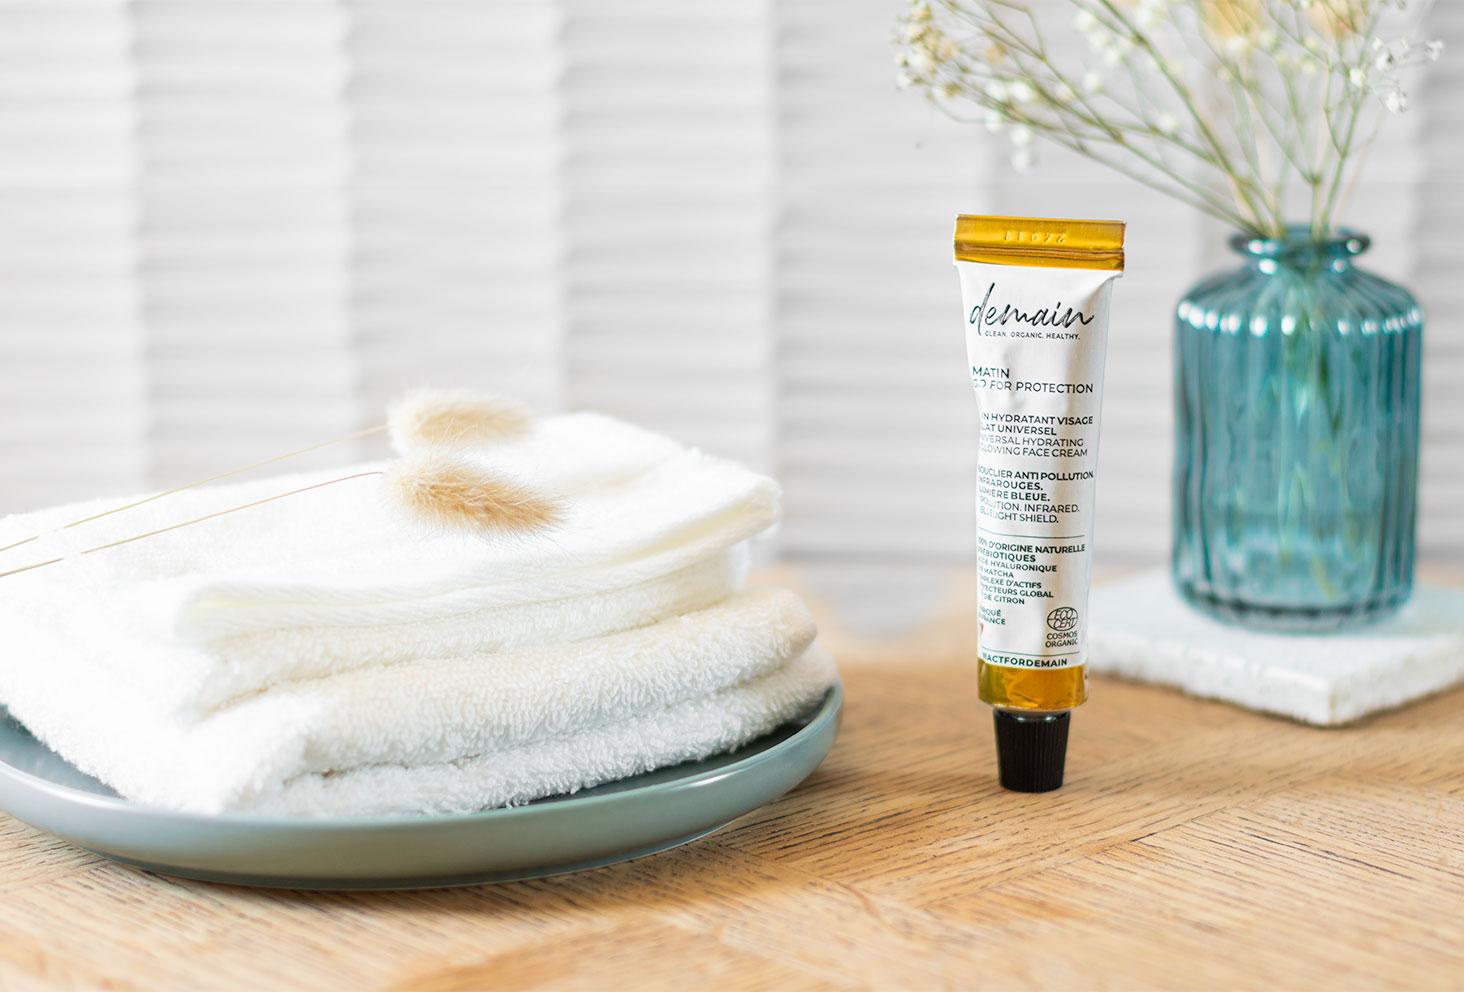 La crème hydratante Go For Protection de Demain Beauty, posé sur le meuble en bois de la salle de bain au milieu de serviettes